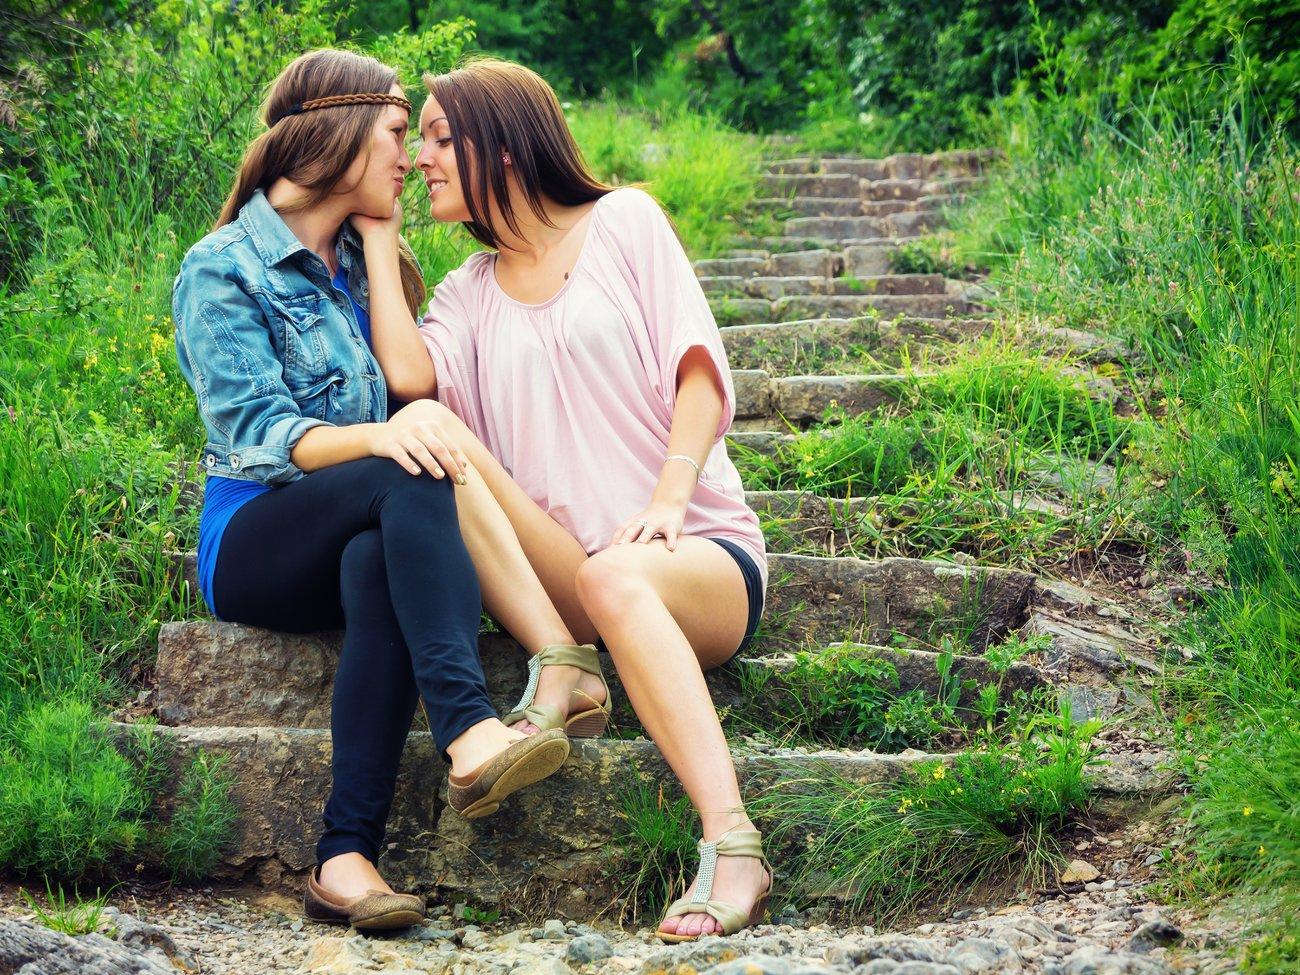 Laut britischen Forschern ist jede Frau auch ein bisschen bi.